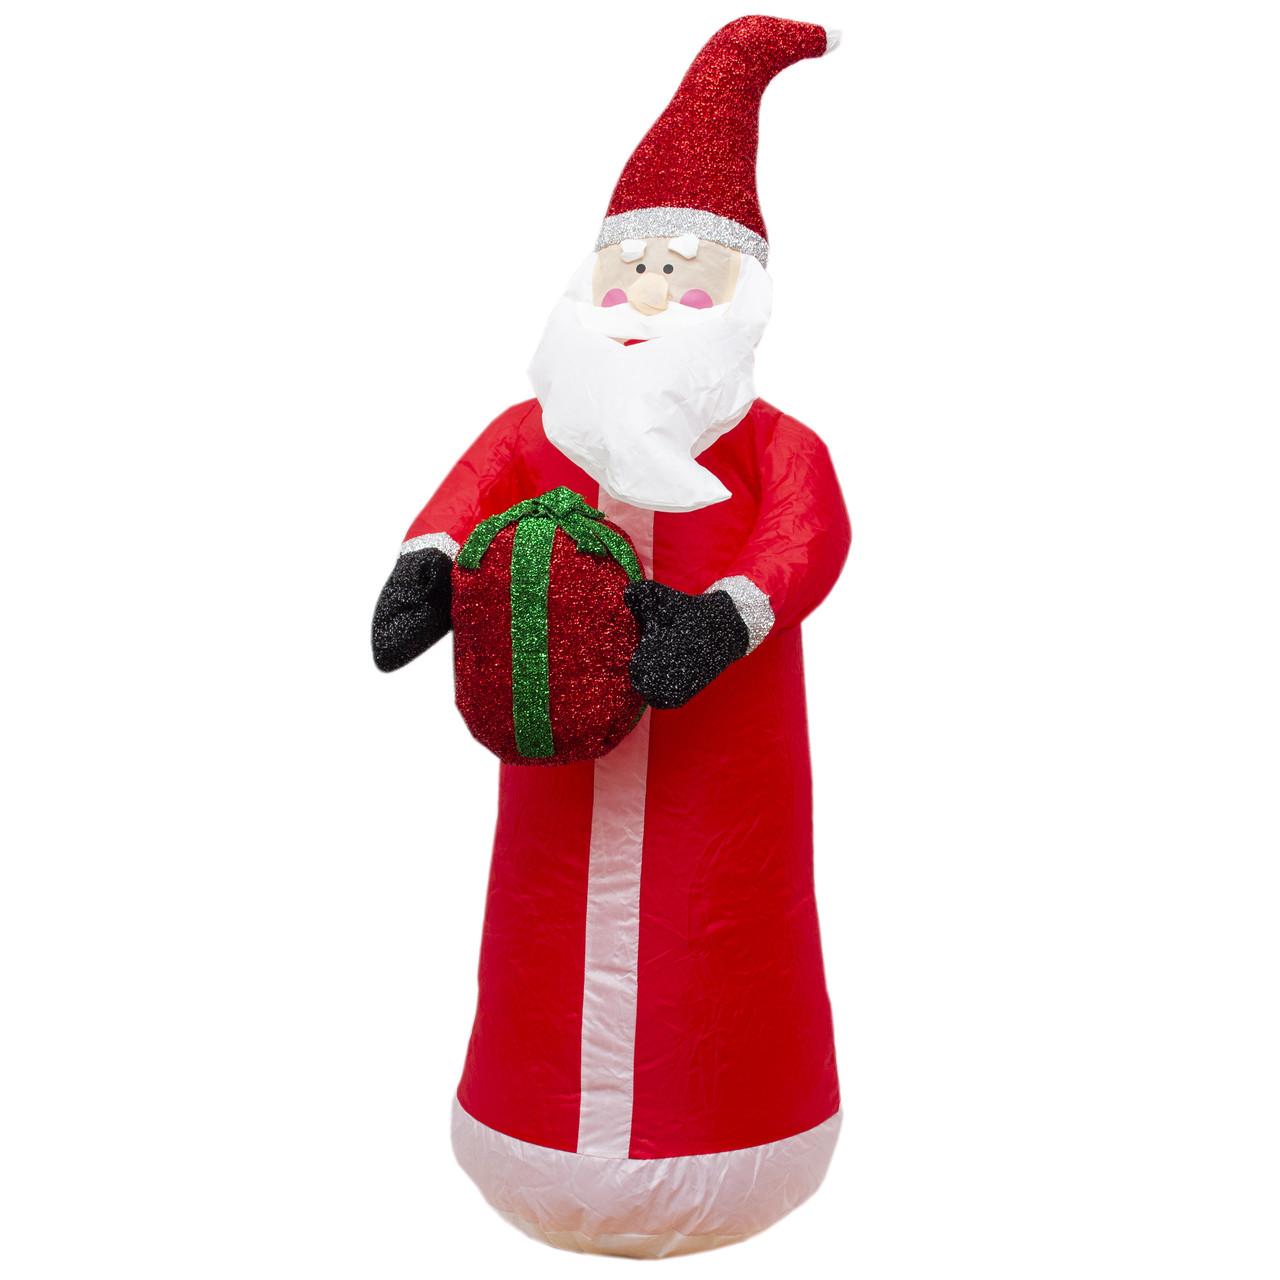 Уличный декор Надувной Дед Мороз с мешком подарков, 120 см (830169)